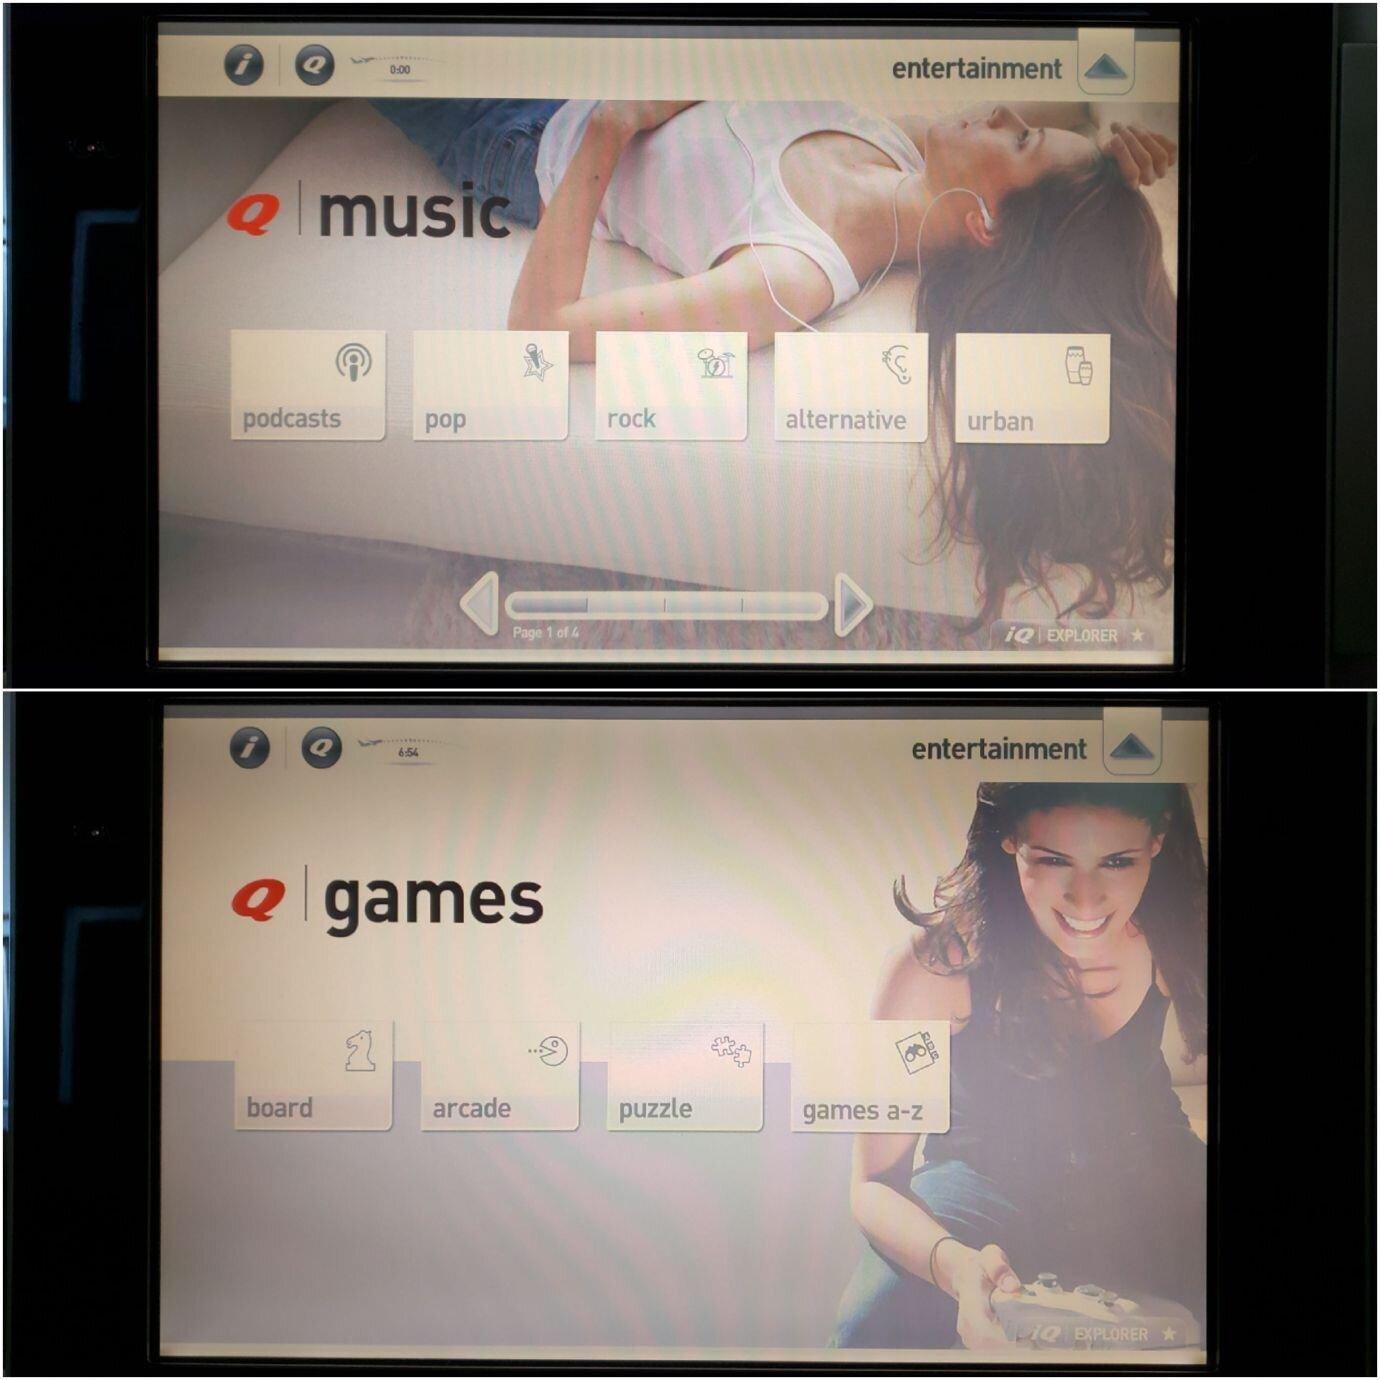 音樂(上圖)與遊戲(下圖)的選項